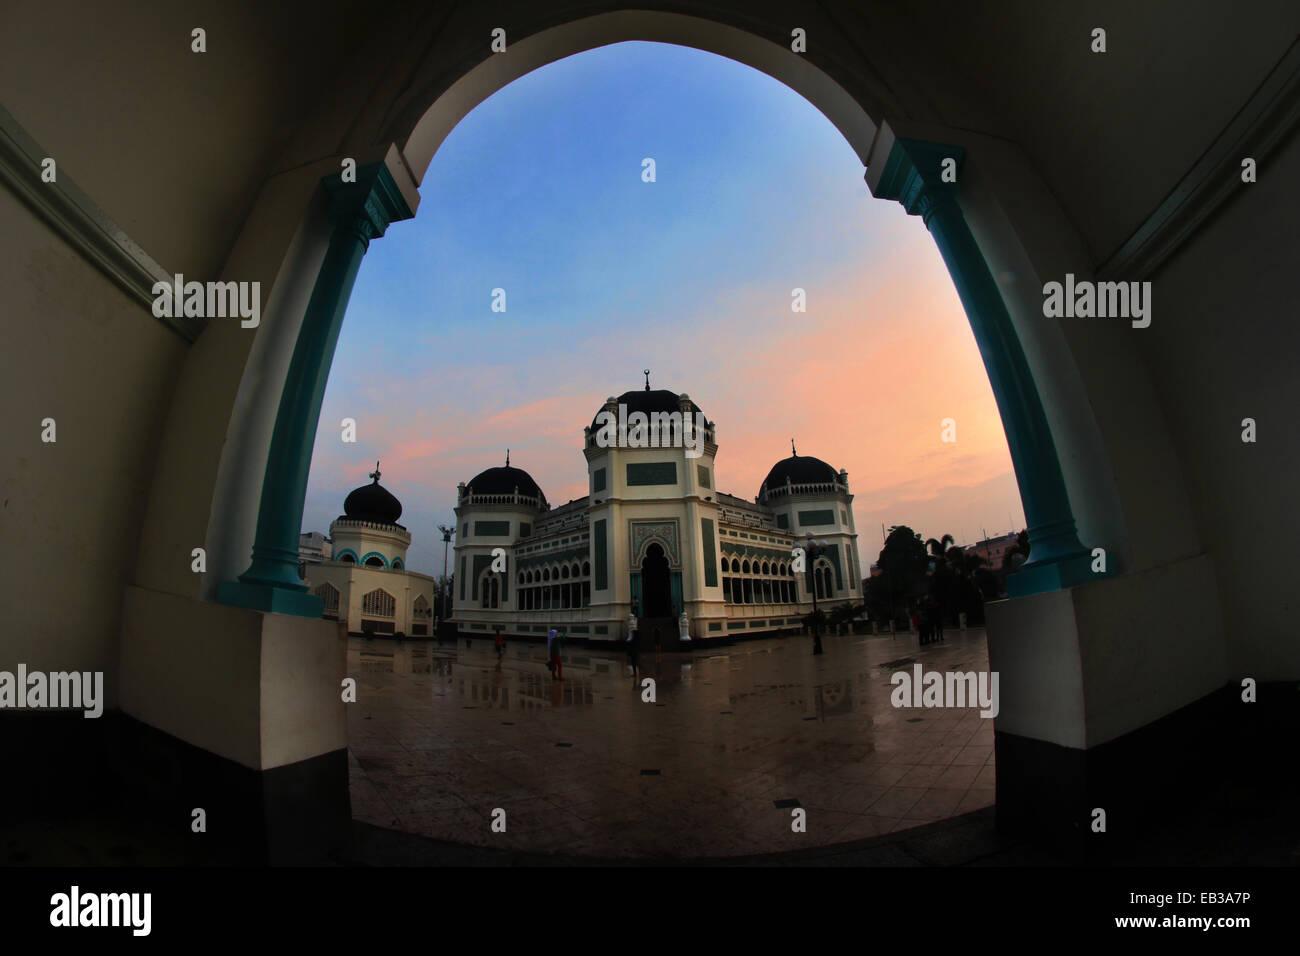 Vista della Moschea di Town Square dal modo di arco Immagini Stock